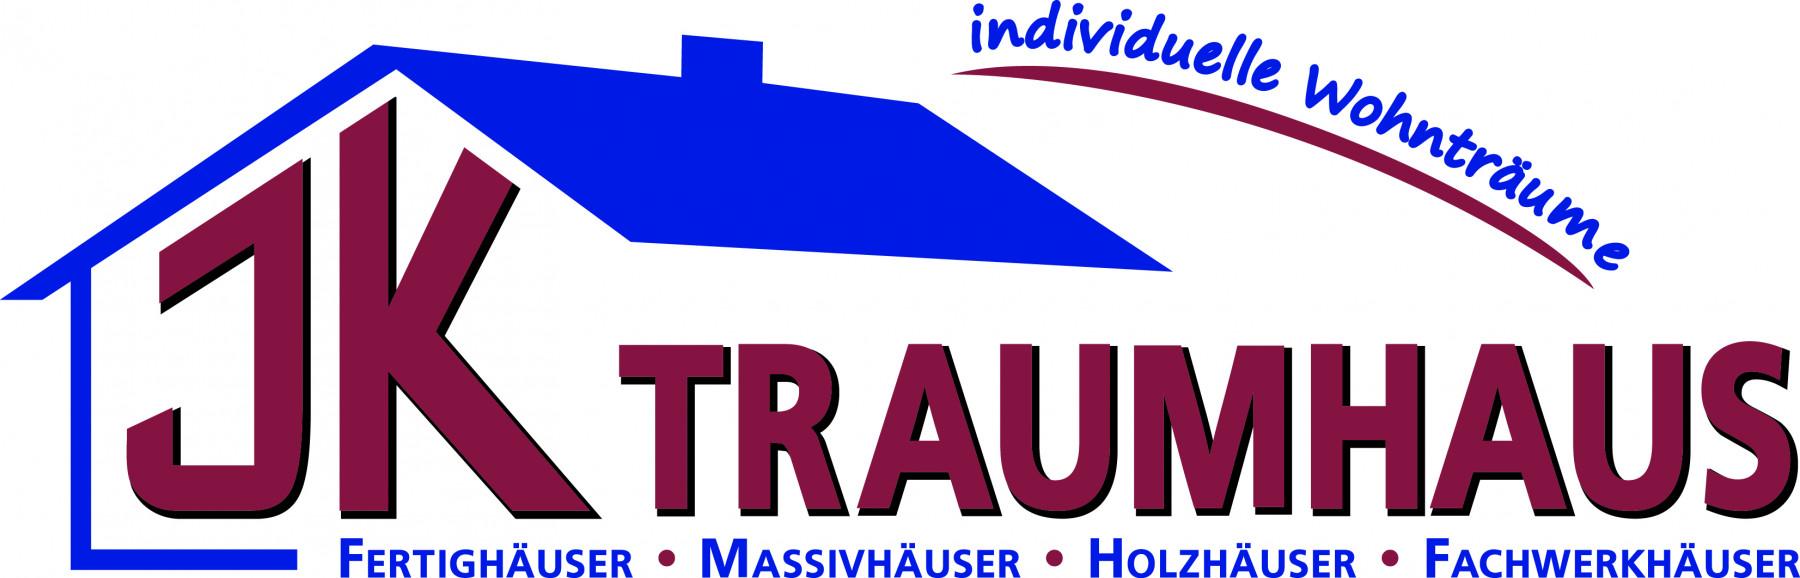 Bild Logo von: JK TRAUMHAUS